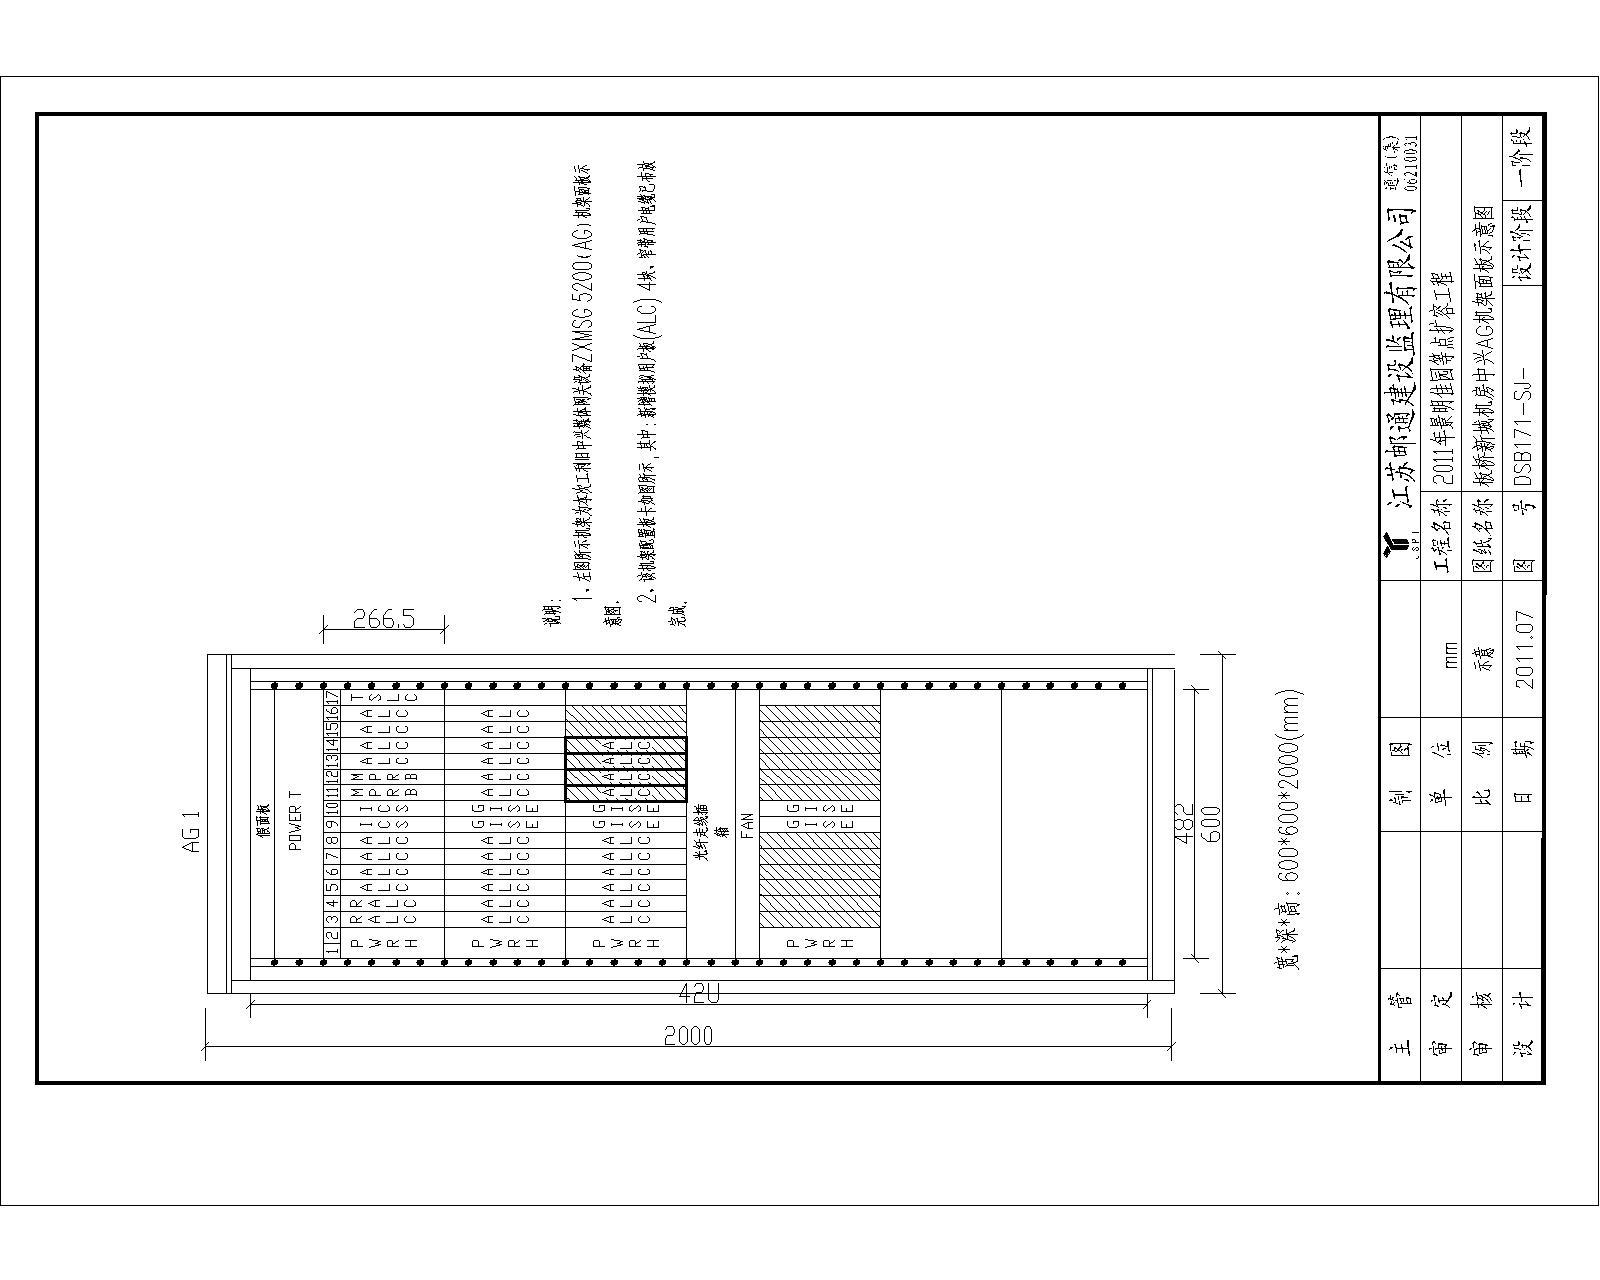 CAD中注释半径与打印钢管不设置时相等比例零弯管比例图纸工艺图片